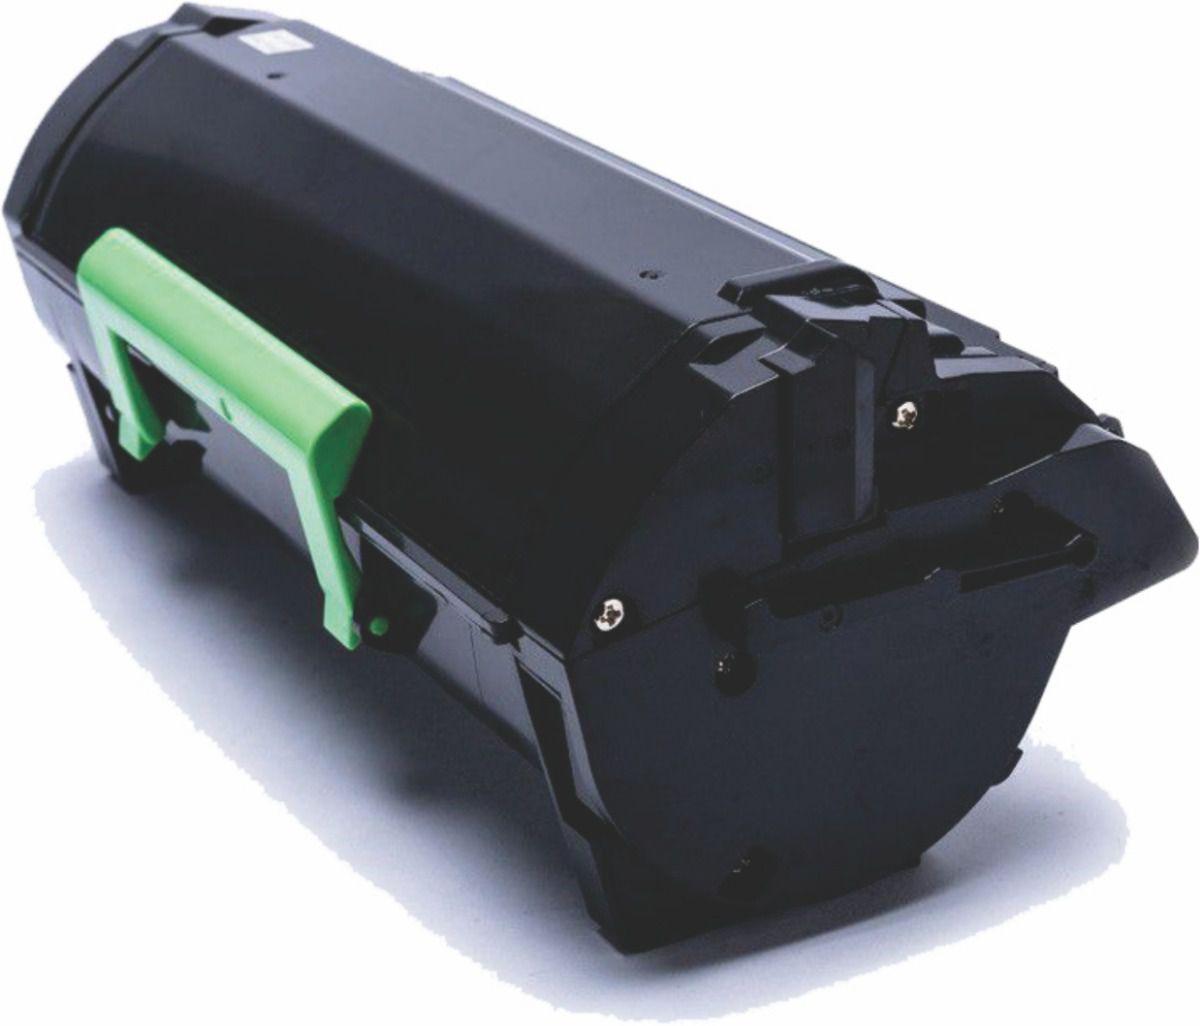 Toner Compatível com Lexmark [52D4H00] MX710/MX810/MX811/MX812 Black 45.000 Páginas - Cartucho & Cia